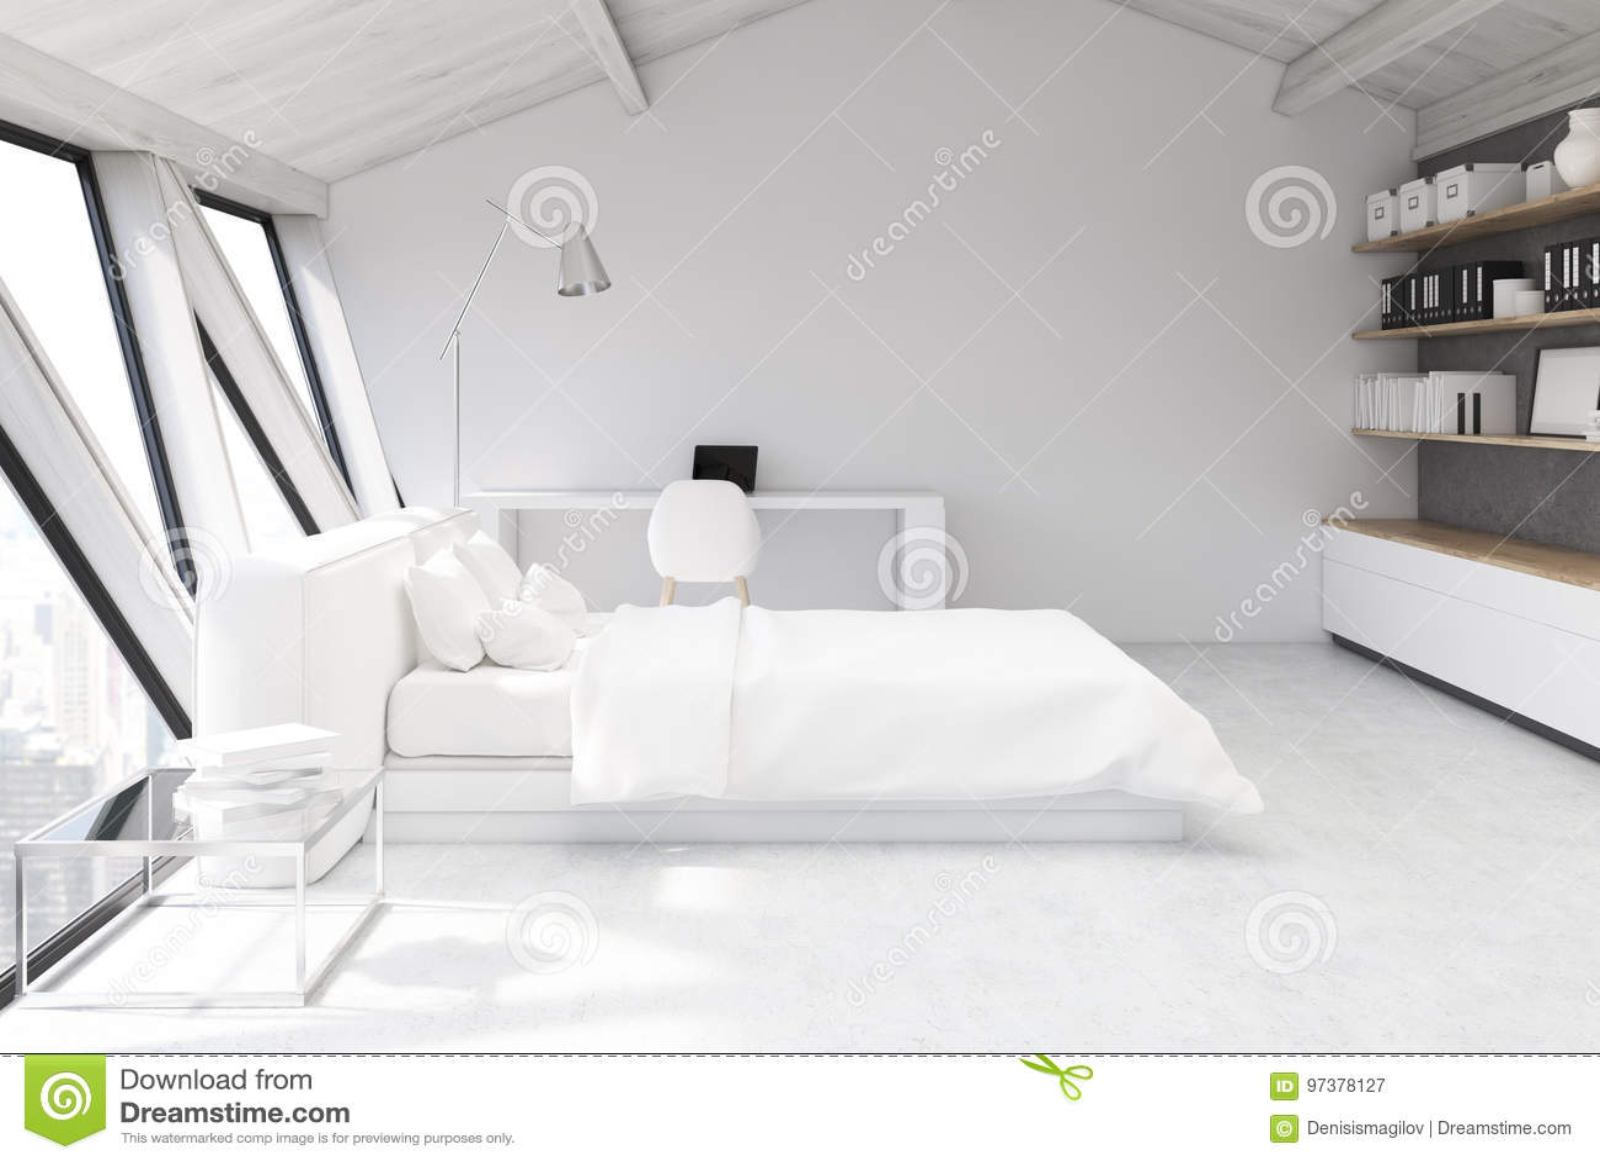 Weißes Schlafzimmer In Einem Dachboden, Seitenansicht Stock ...